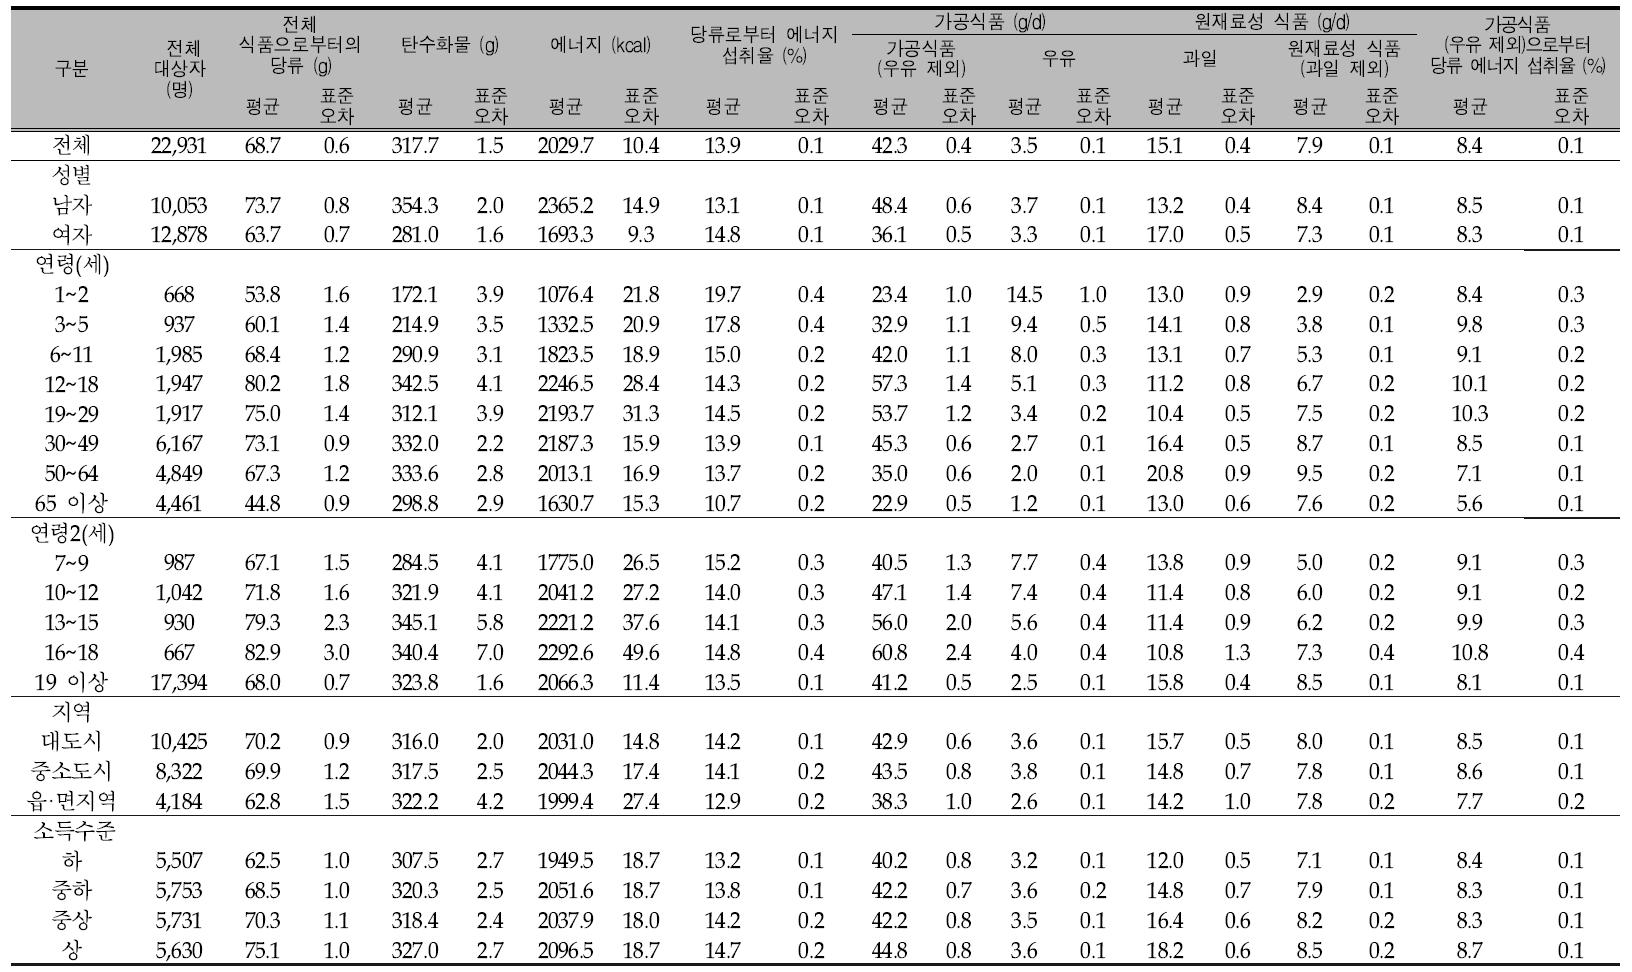 우리 국민의 1인1일 평균 당류 섭취량(성별, 연령별, 지역별, 소득수준별): 국민건강영양조사 제5기